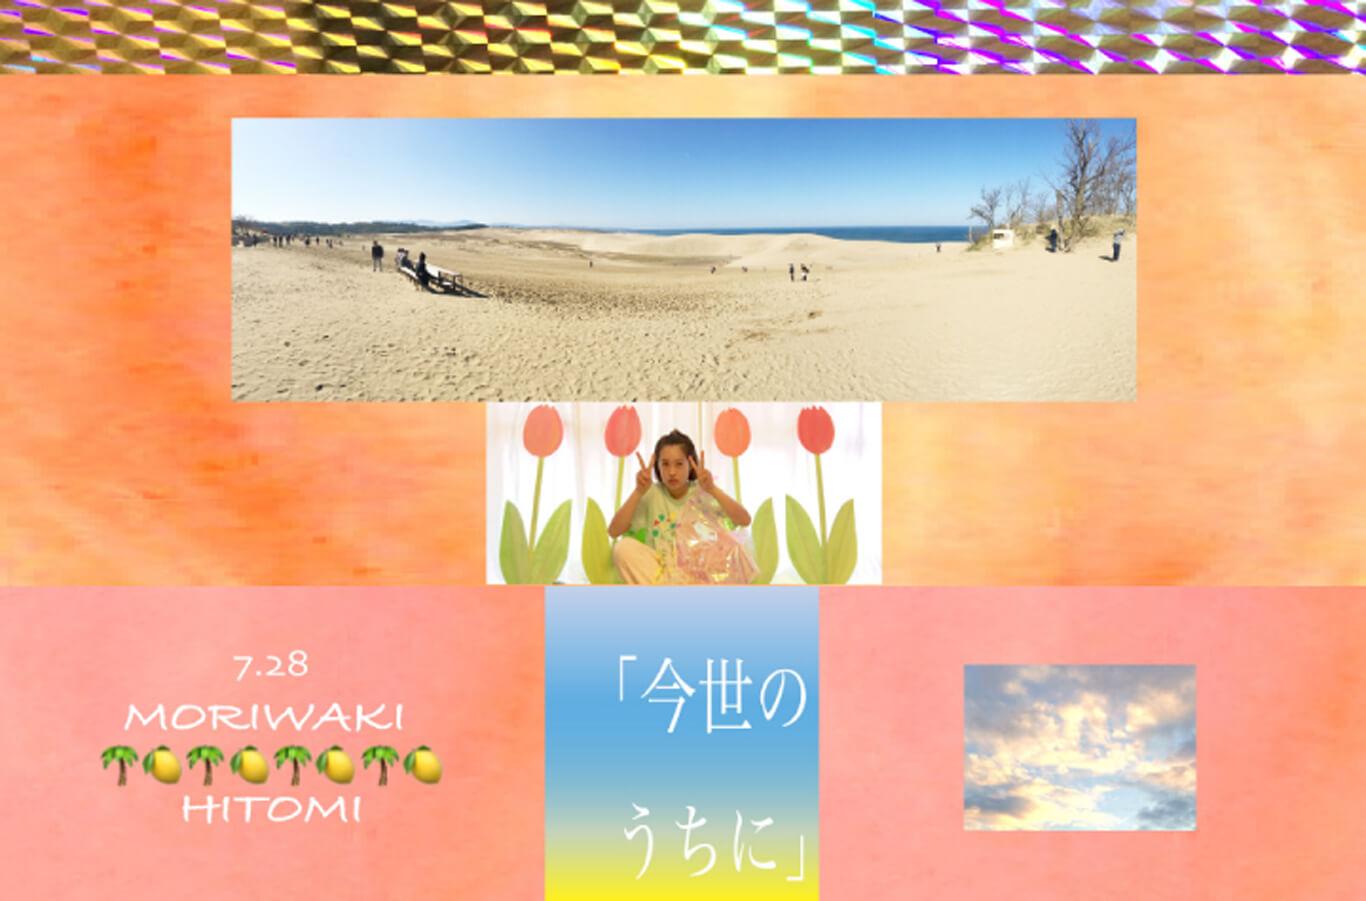 tetra-201907-もりわきひとみ-個展